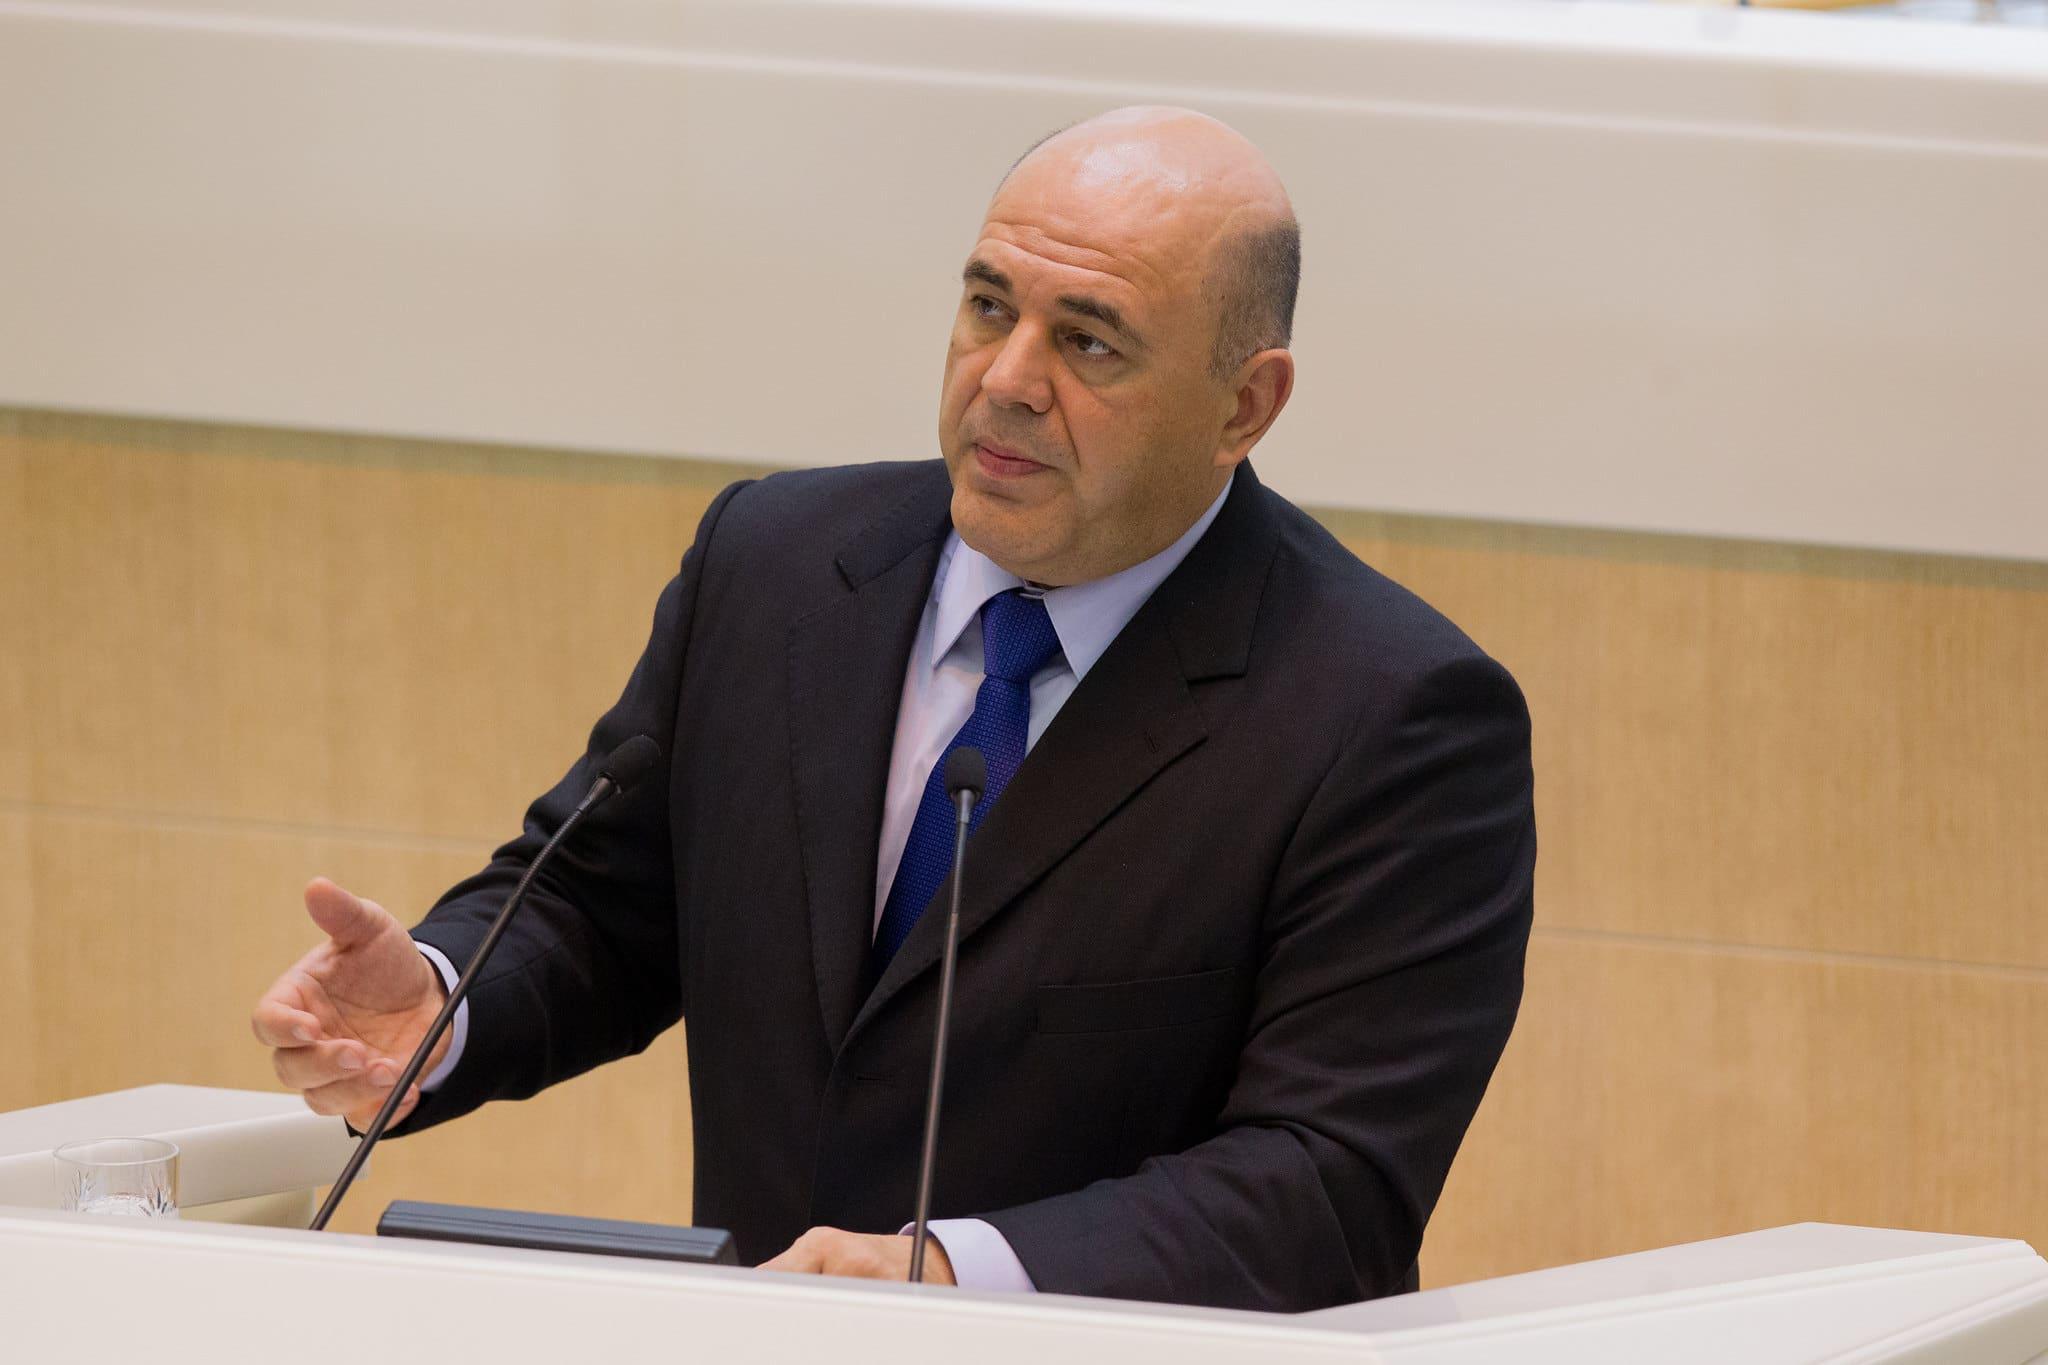 Политолог: Мишустин – переходной премьер-министр без политического веса